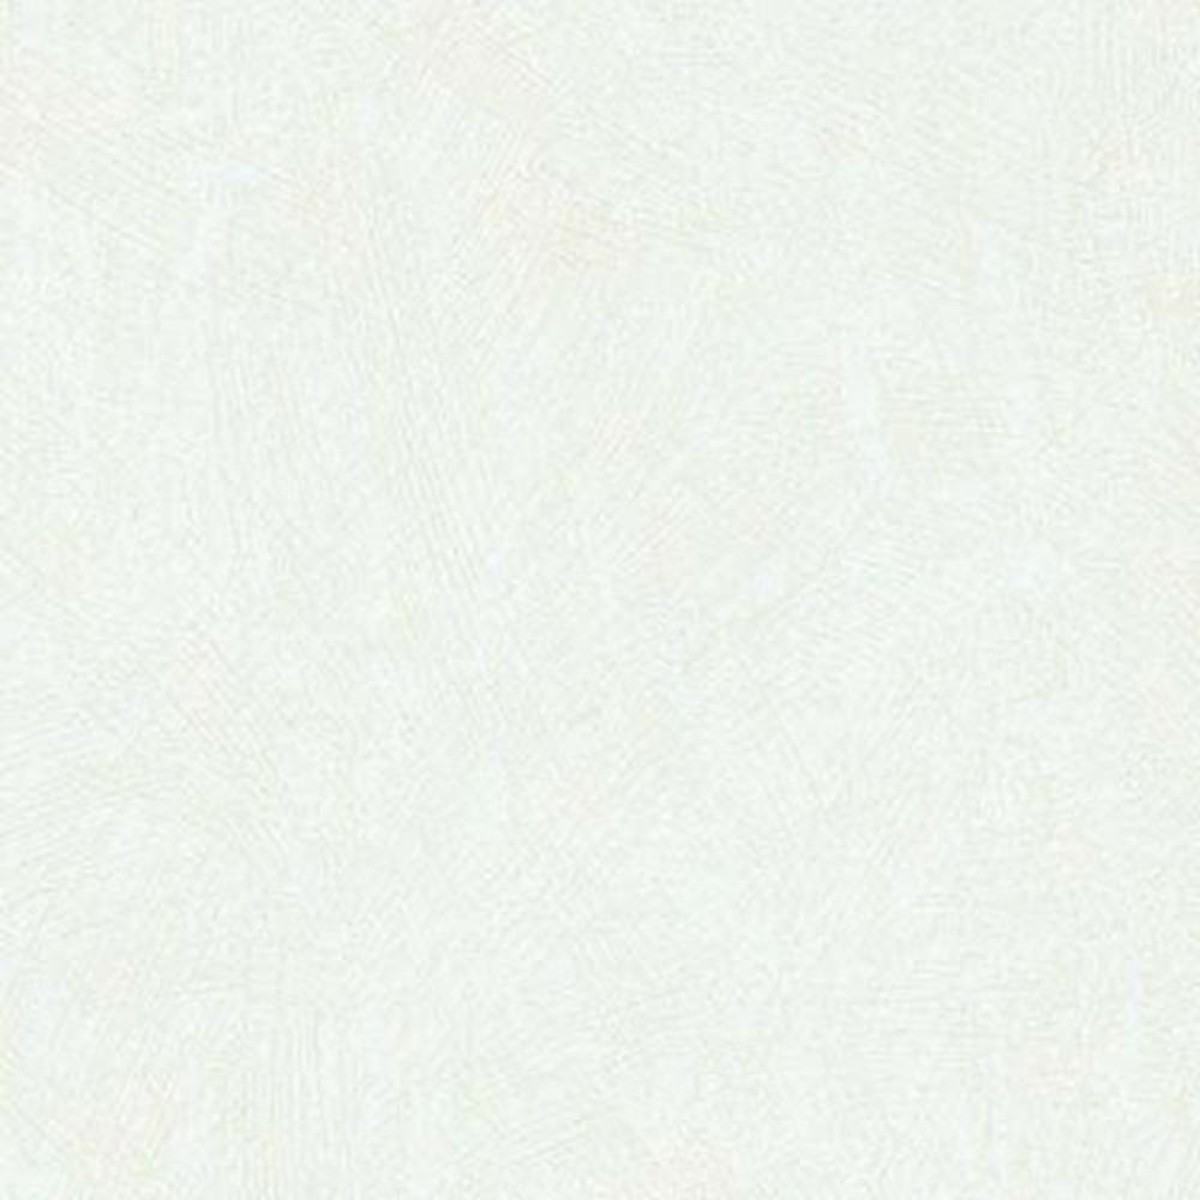 Обои виниловые Gaenari голубые 1.06 м 81131-3